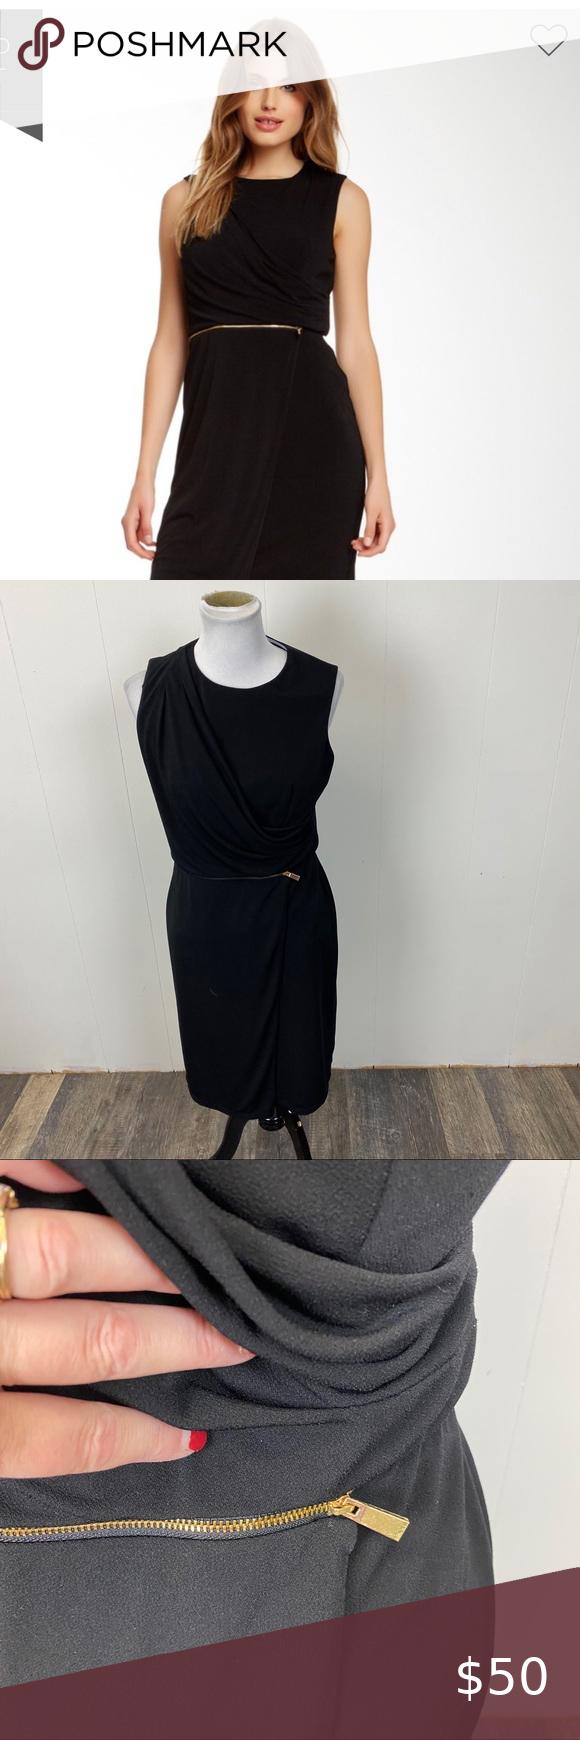 Vince Camuto Black Drape Midi Dress Draped Midi Dresses Zip Dress Midi Dress [ 1740 x 580 Pixel ]